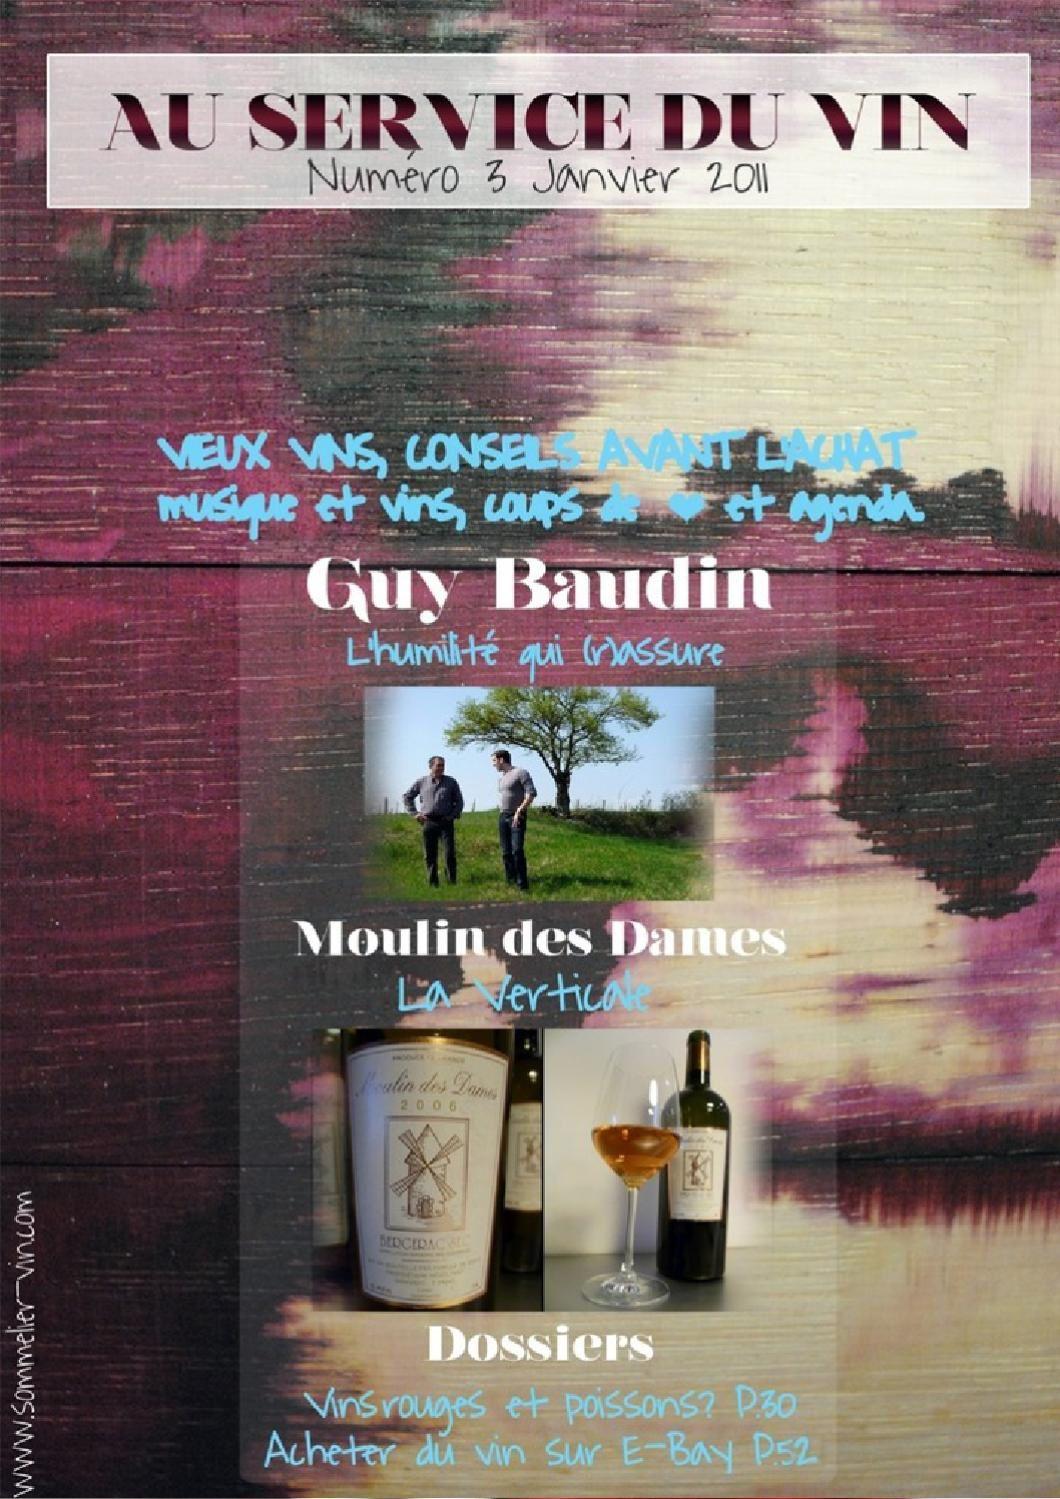 Au Service du vin numéro 3 (88 pages) est en vente au prix de 3,25€